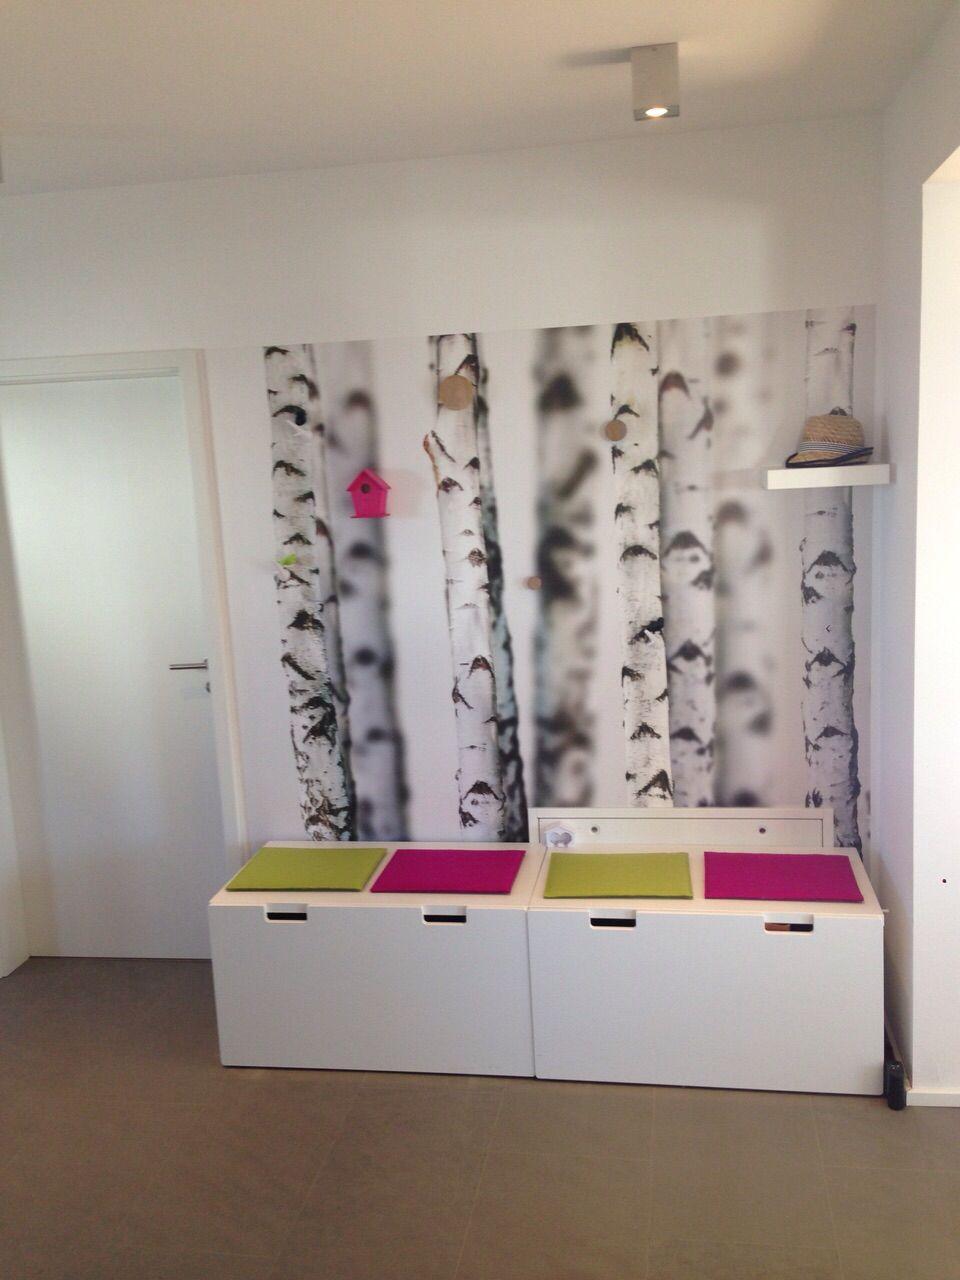 ikea stuva garderobe mehr praxis pinterest einrichten und wohnen garderoben und leben. Black Bedroom Furniture Sets. Home Design Ideas